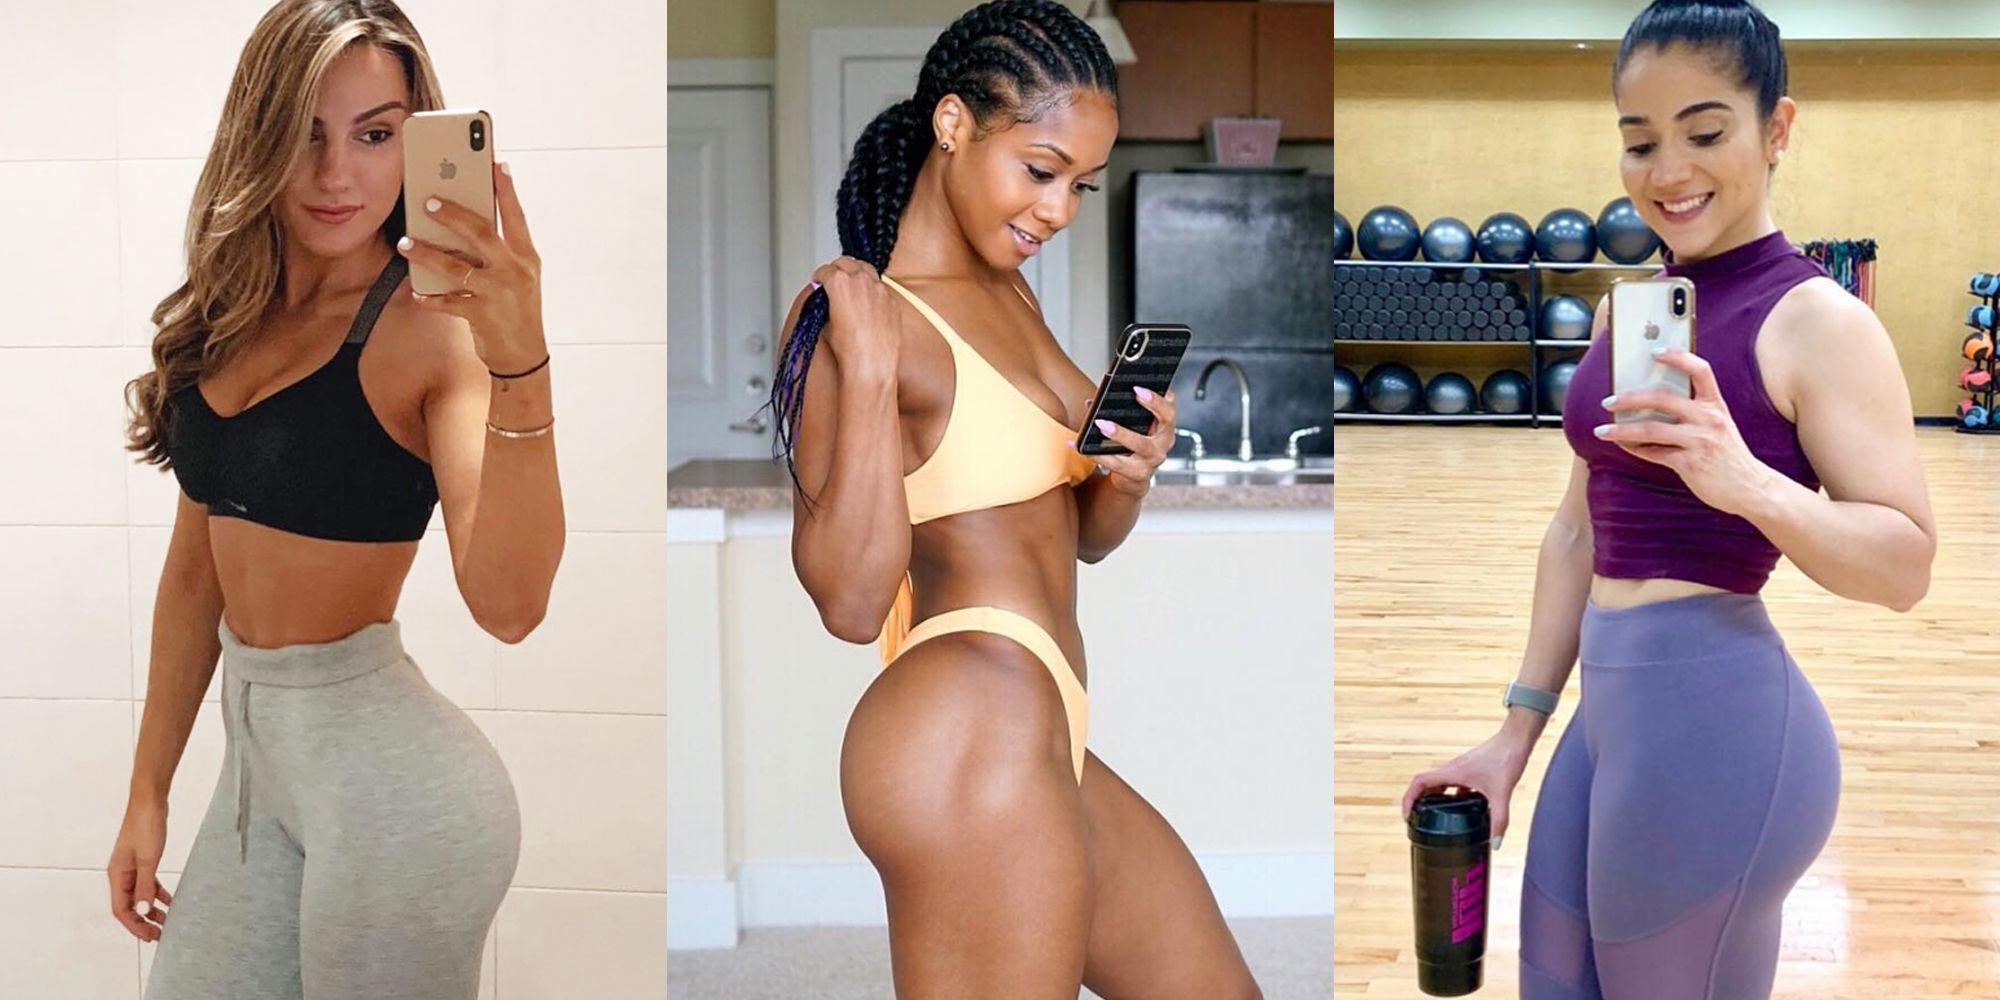 Big ass butt girls name pics sexy